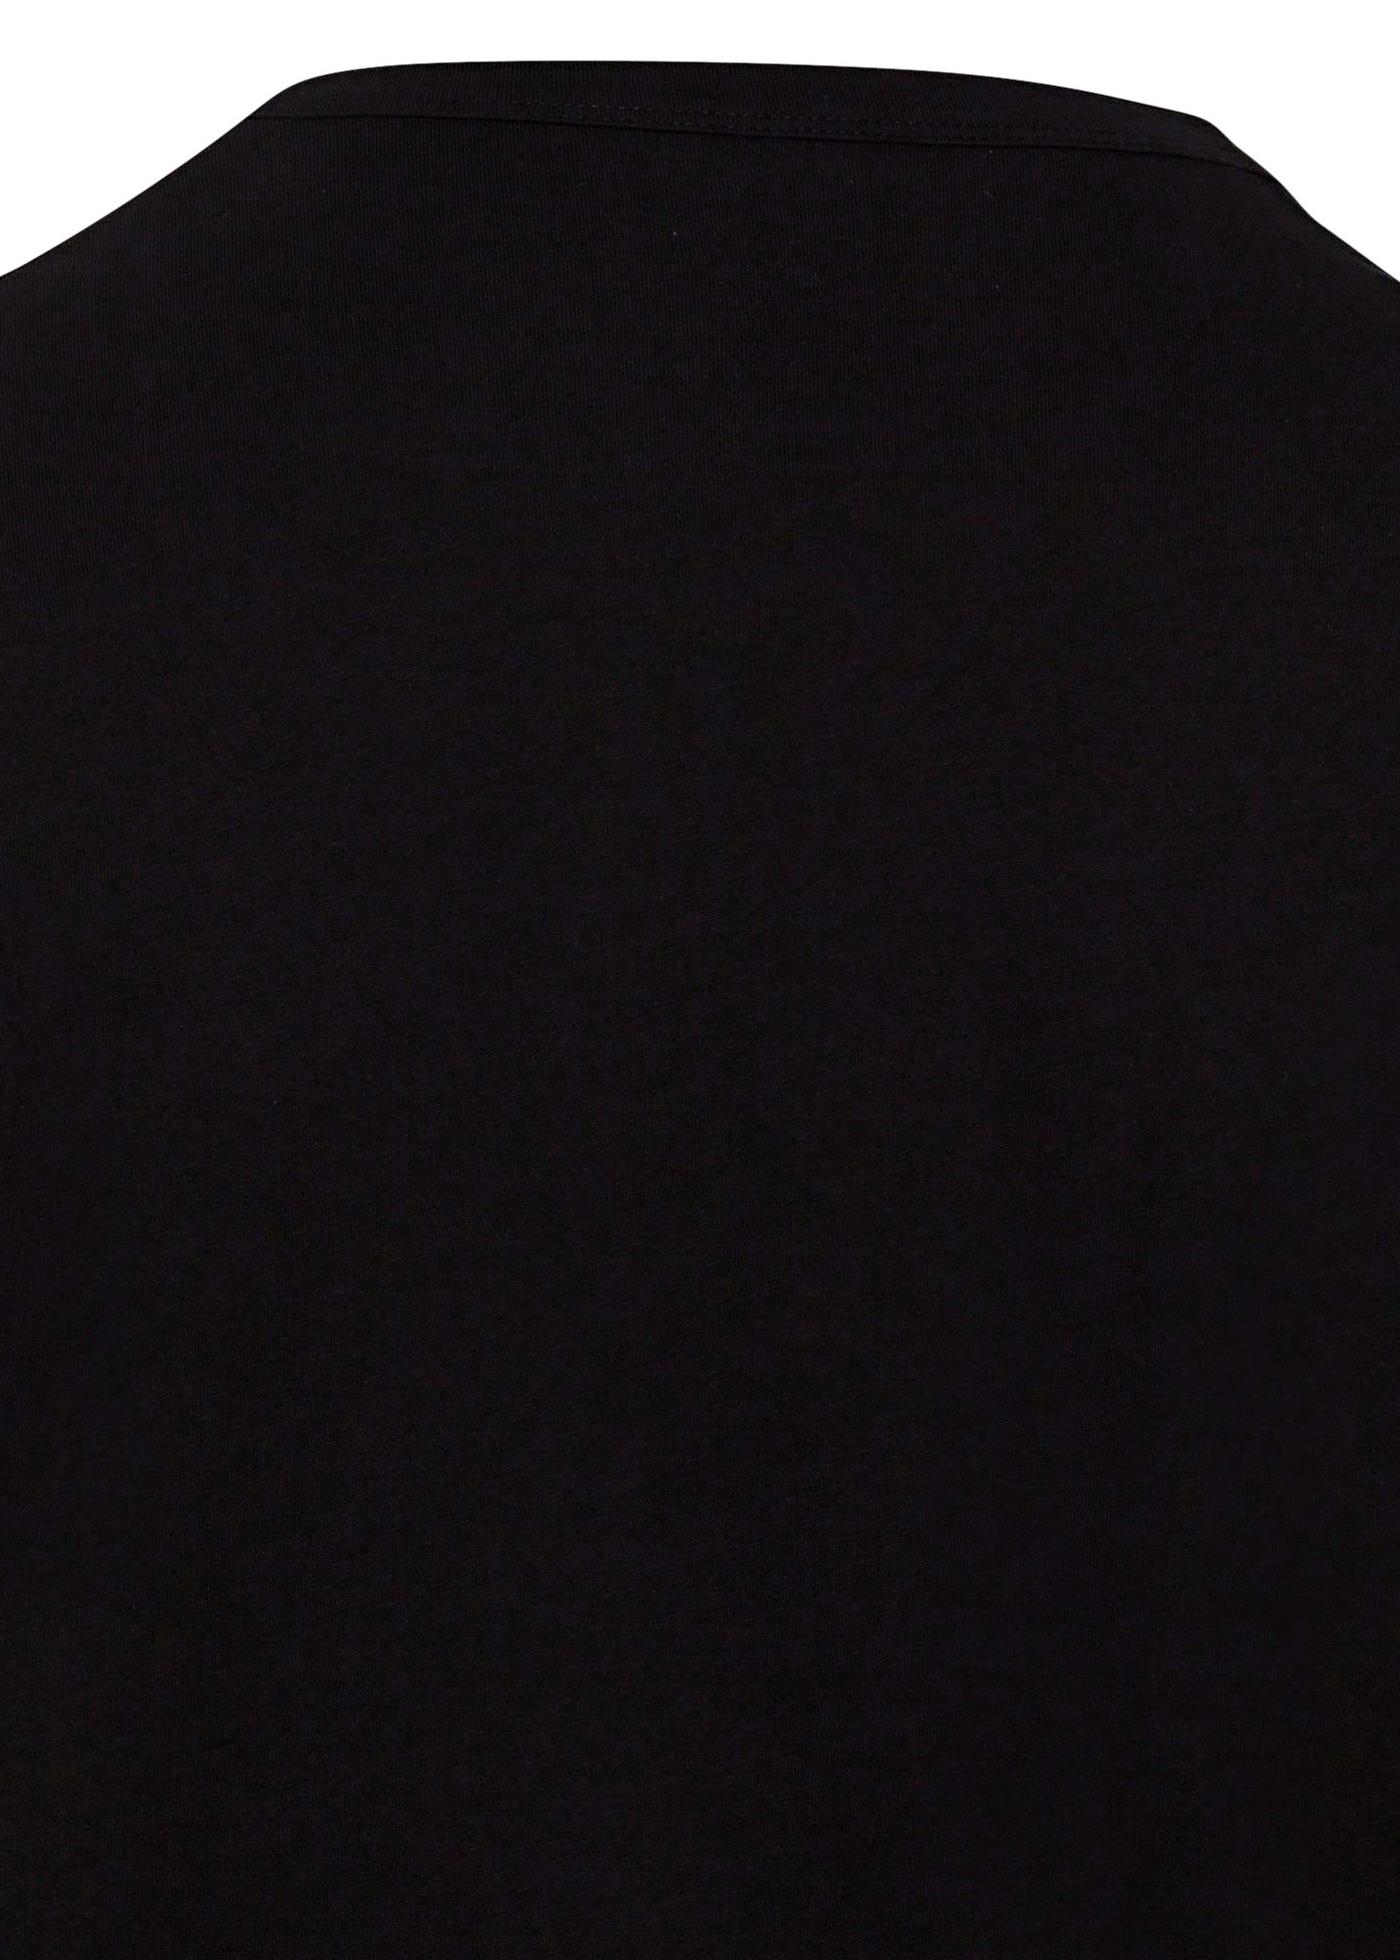 BELSTAFF LINES T-SHIRT LS image number 3